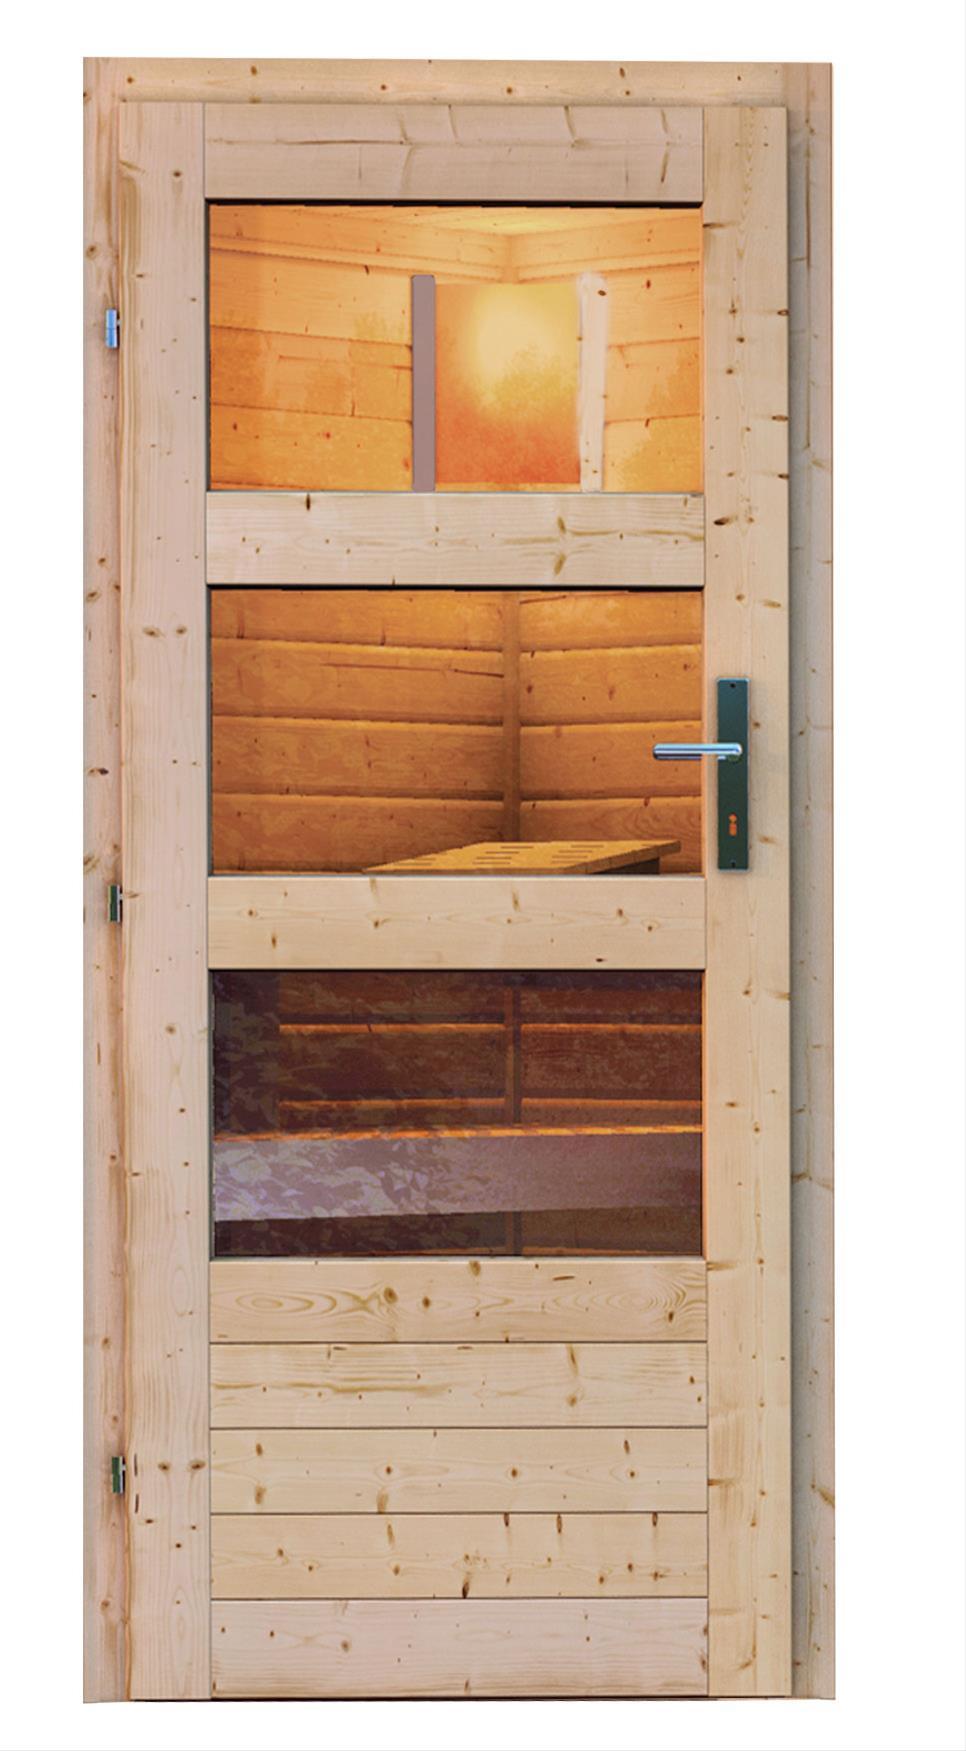 Gartensauna Karibu Saunahaus Kroge 38mm ohne Ofen Tür modern Bild 5